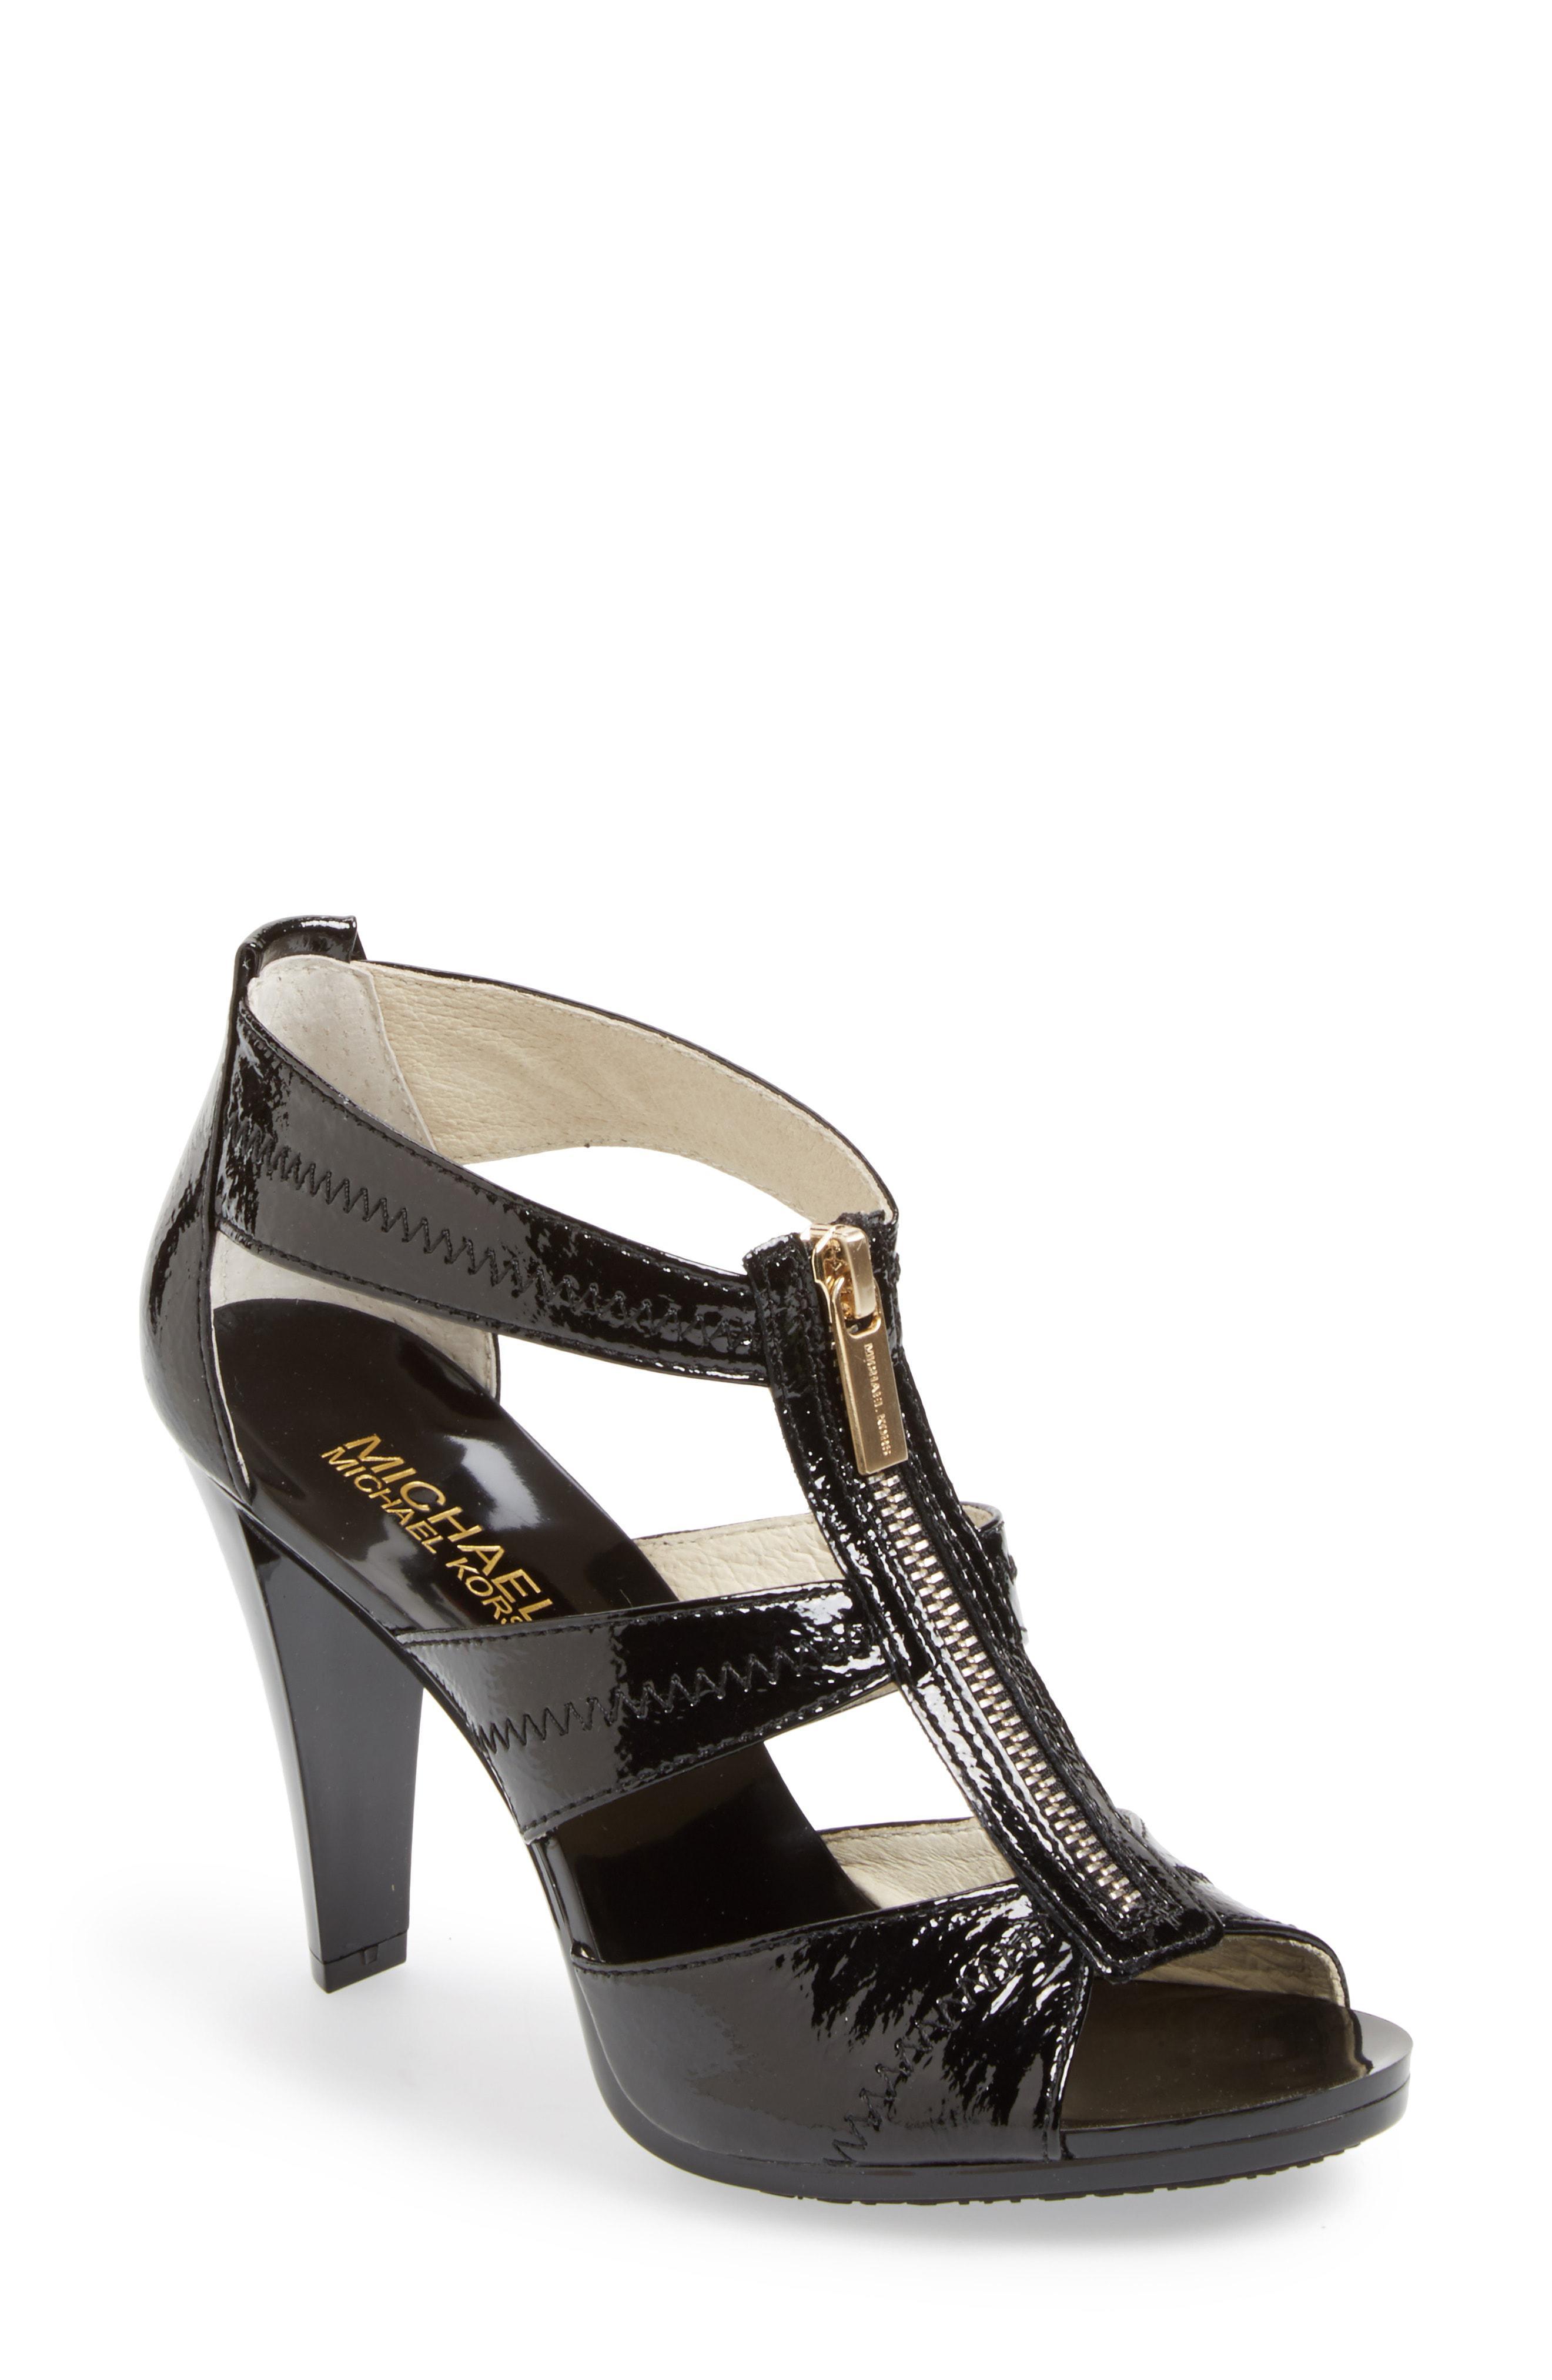 713917e694e4 Lyst - Michael Michael Kors Berkley Sandal in Black